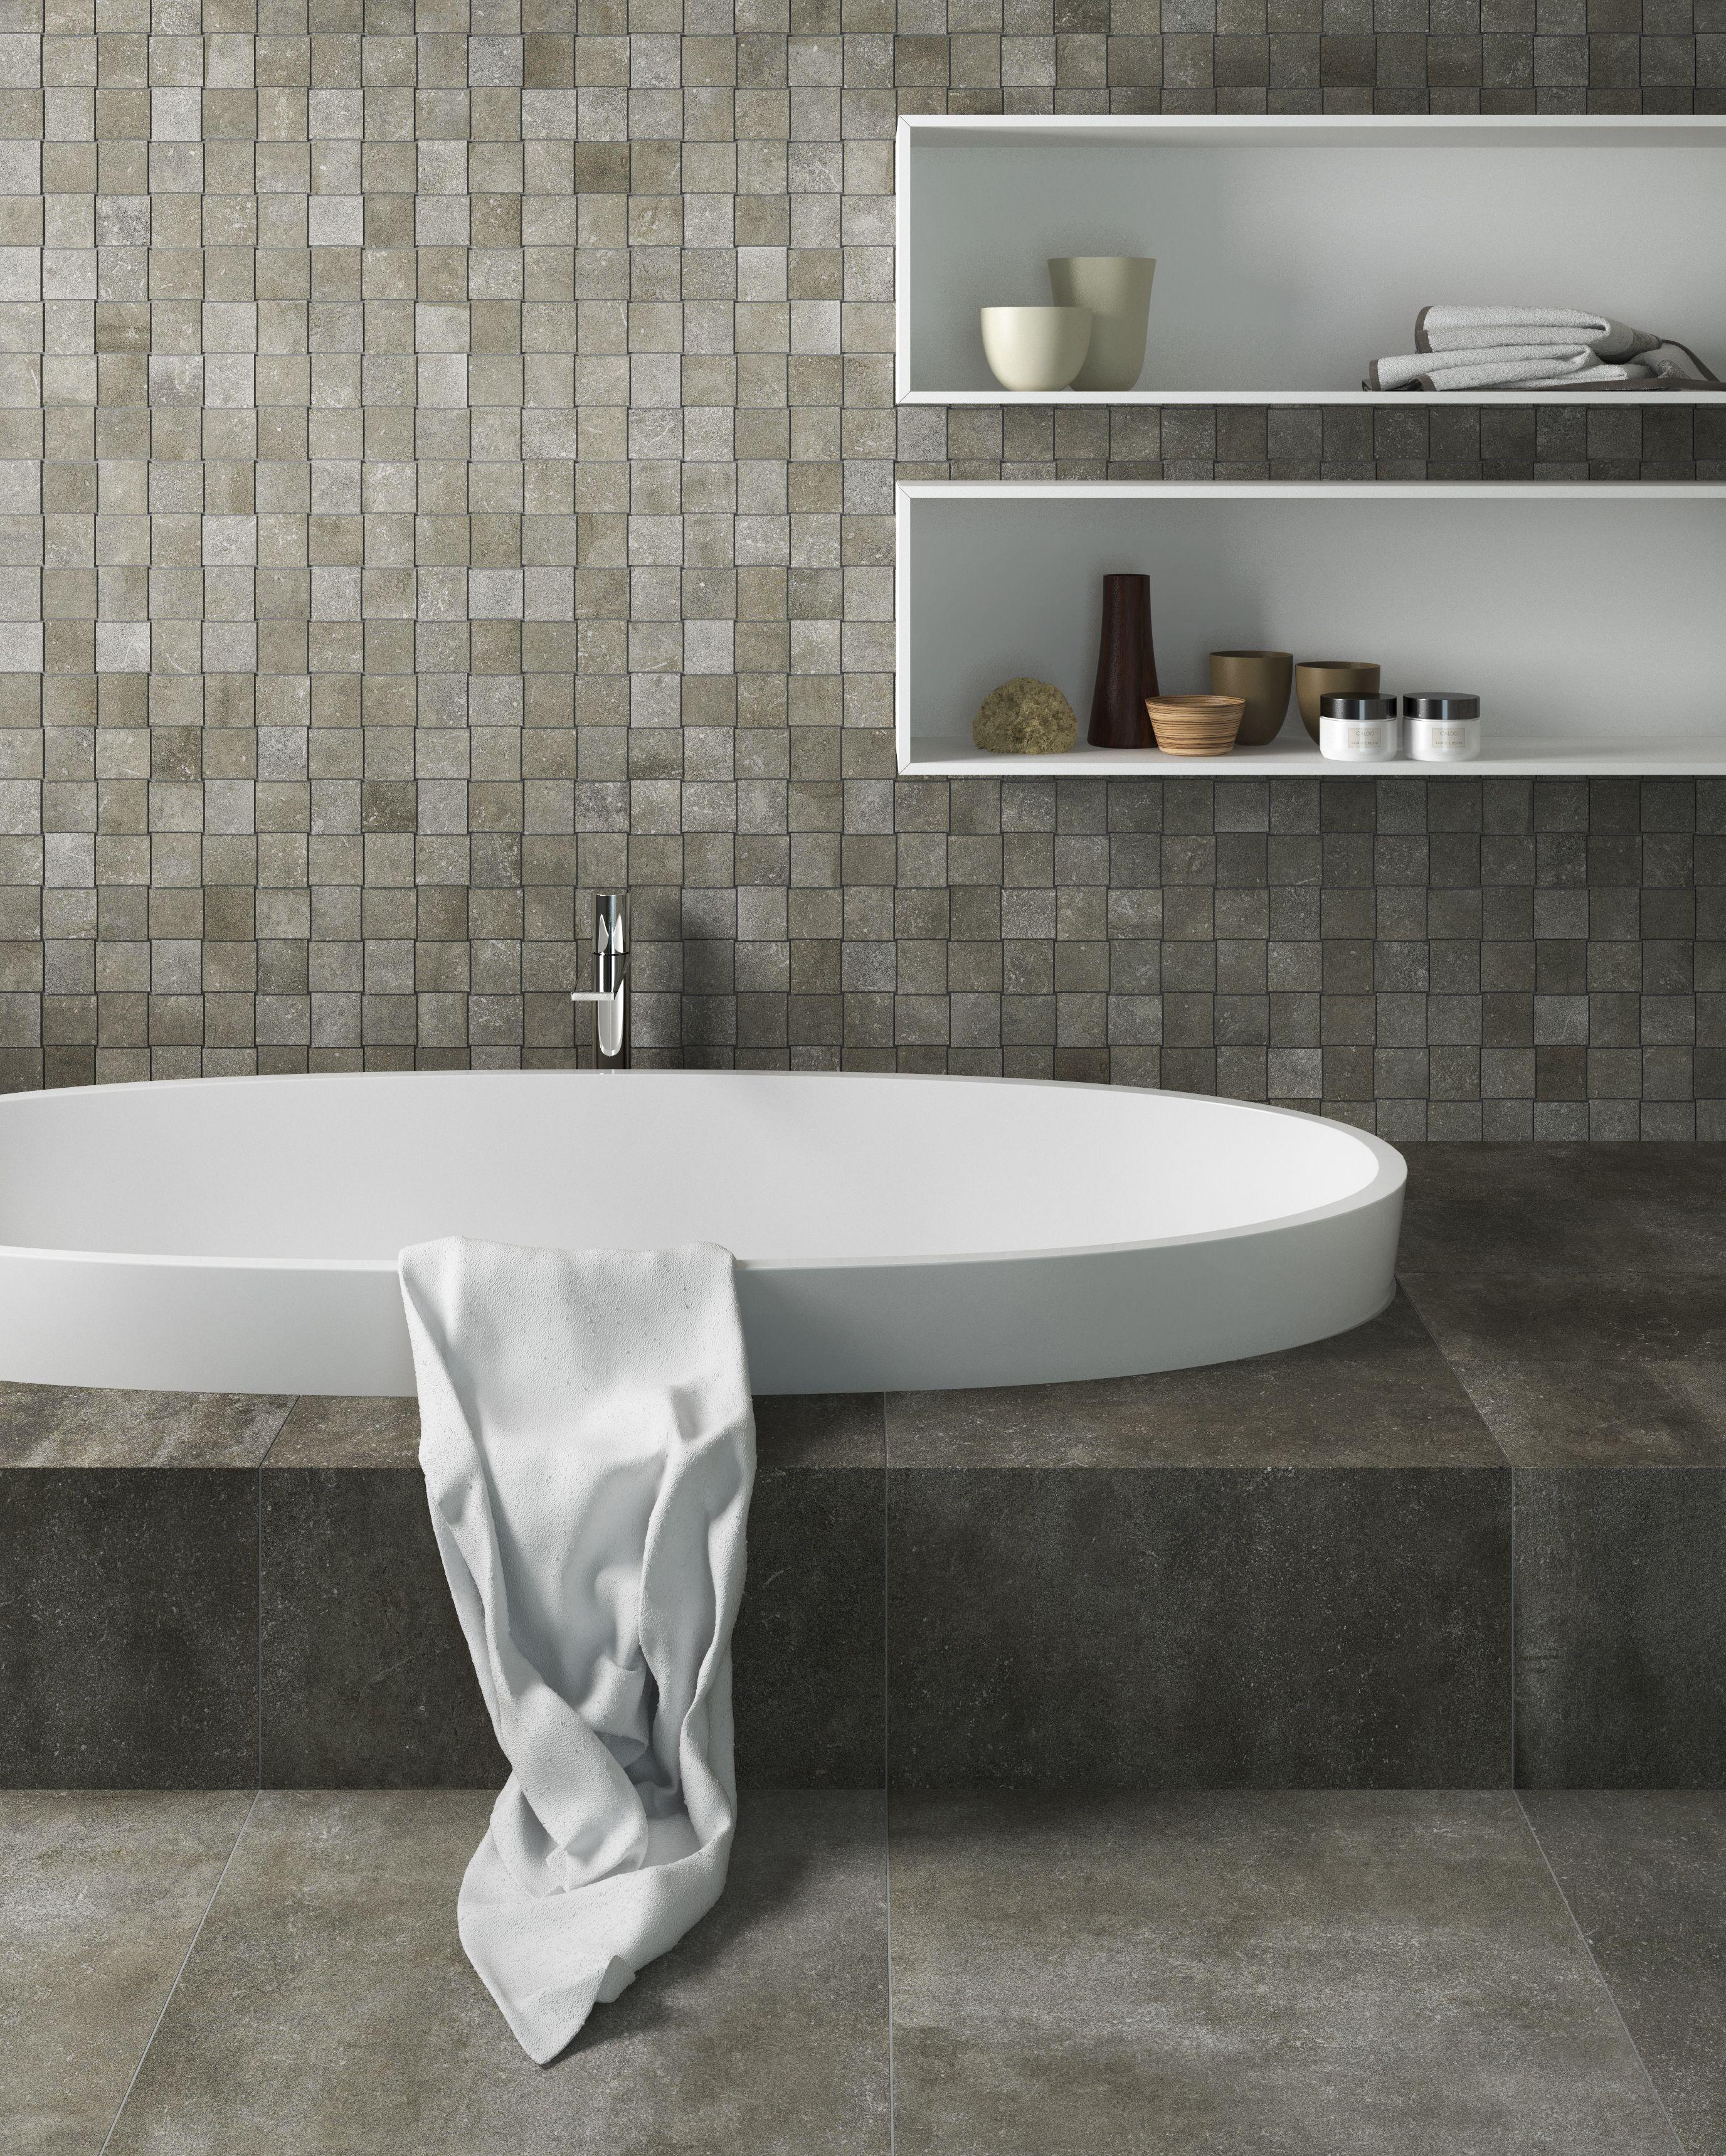 Egal Welcher Einrichtungsstil Die Serie Aversa Passt Einfach Zu Jedem Ambiente Badez Kleines Badezimmer Umgestalten Badezimmer Diy Moderne Kleine Badezimmer